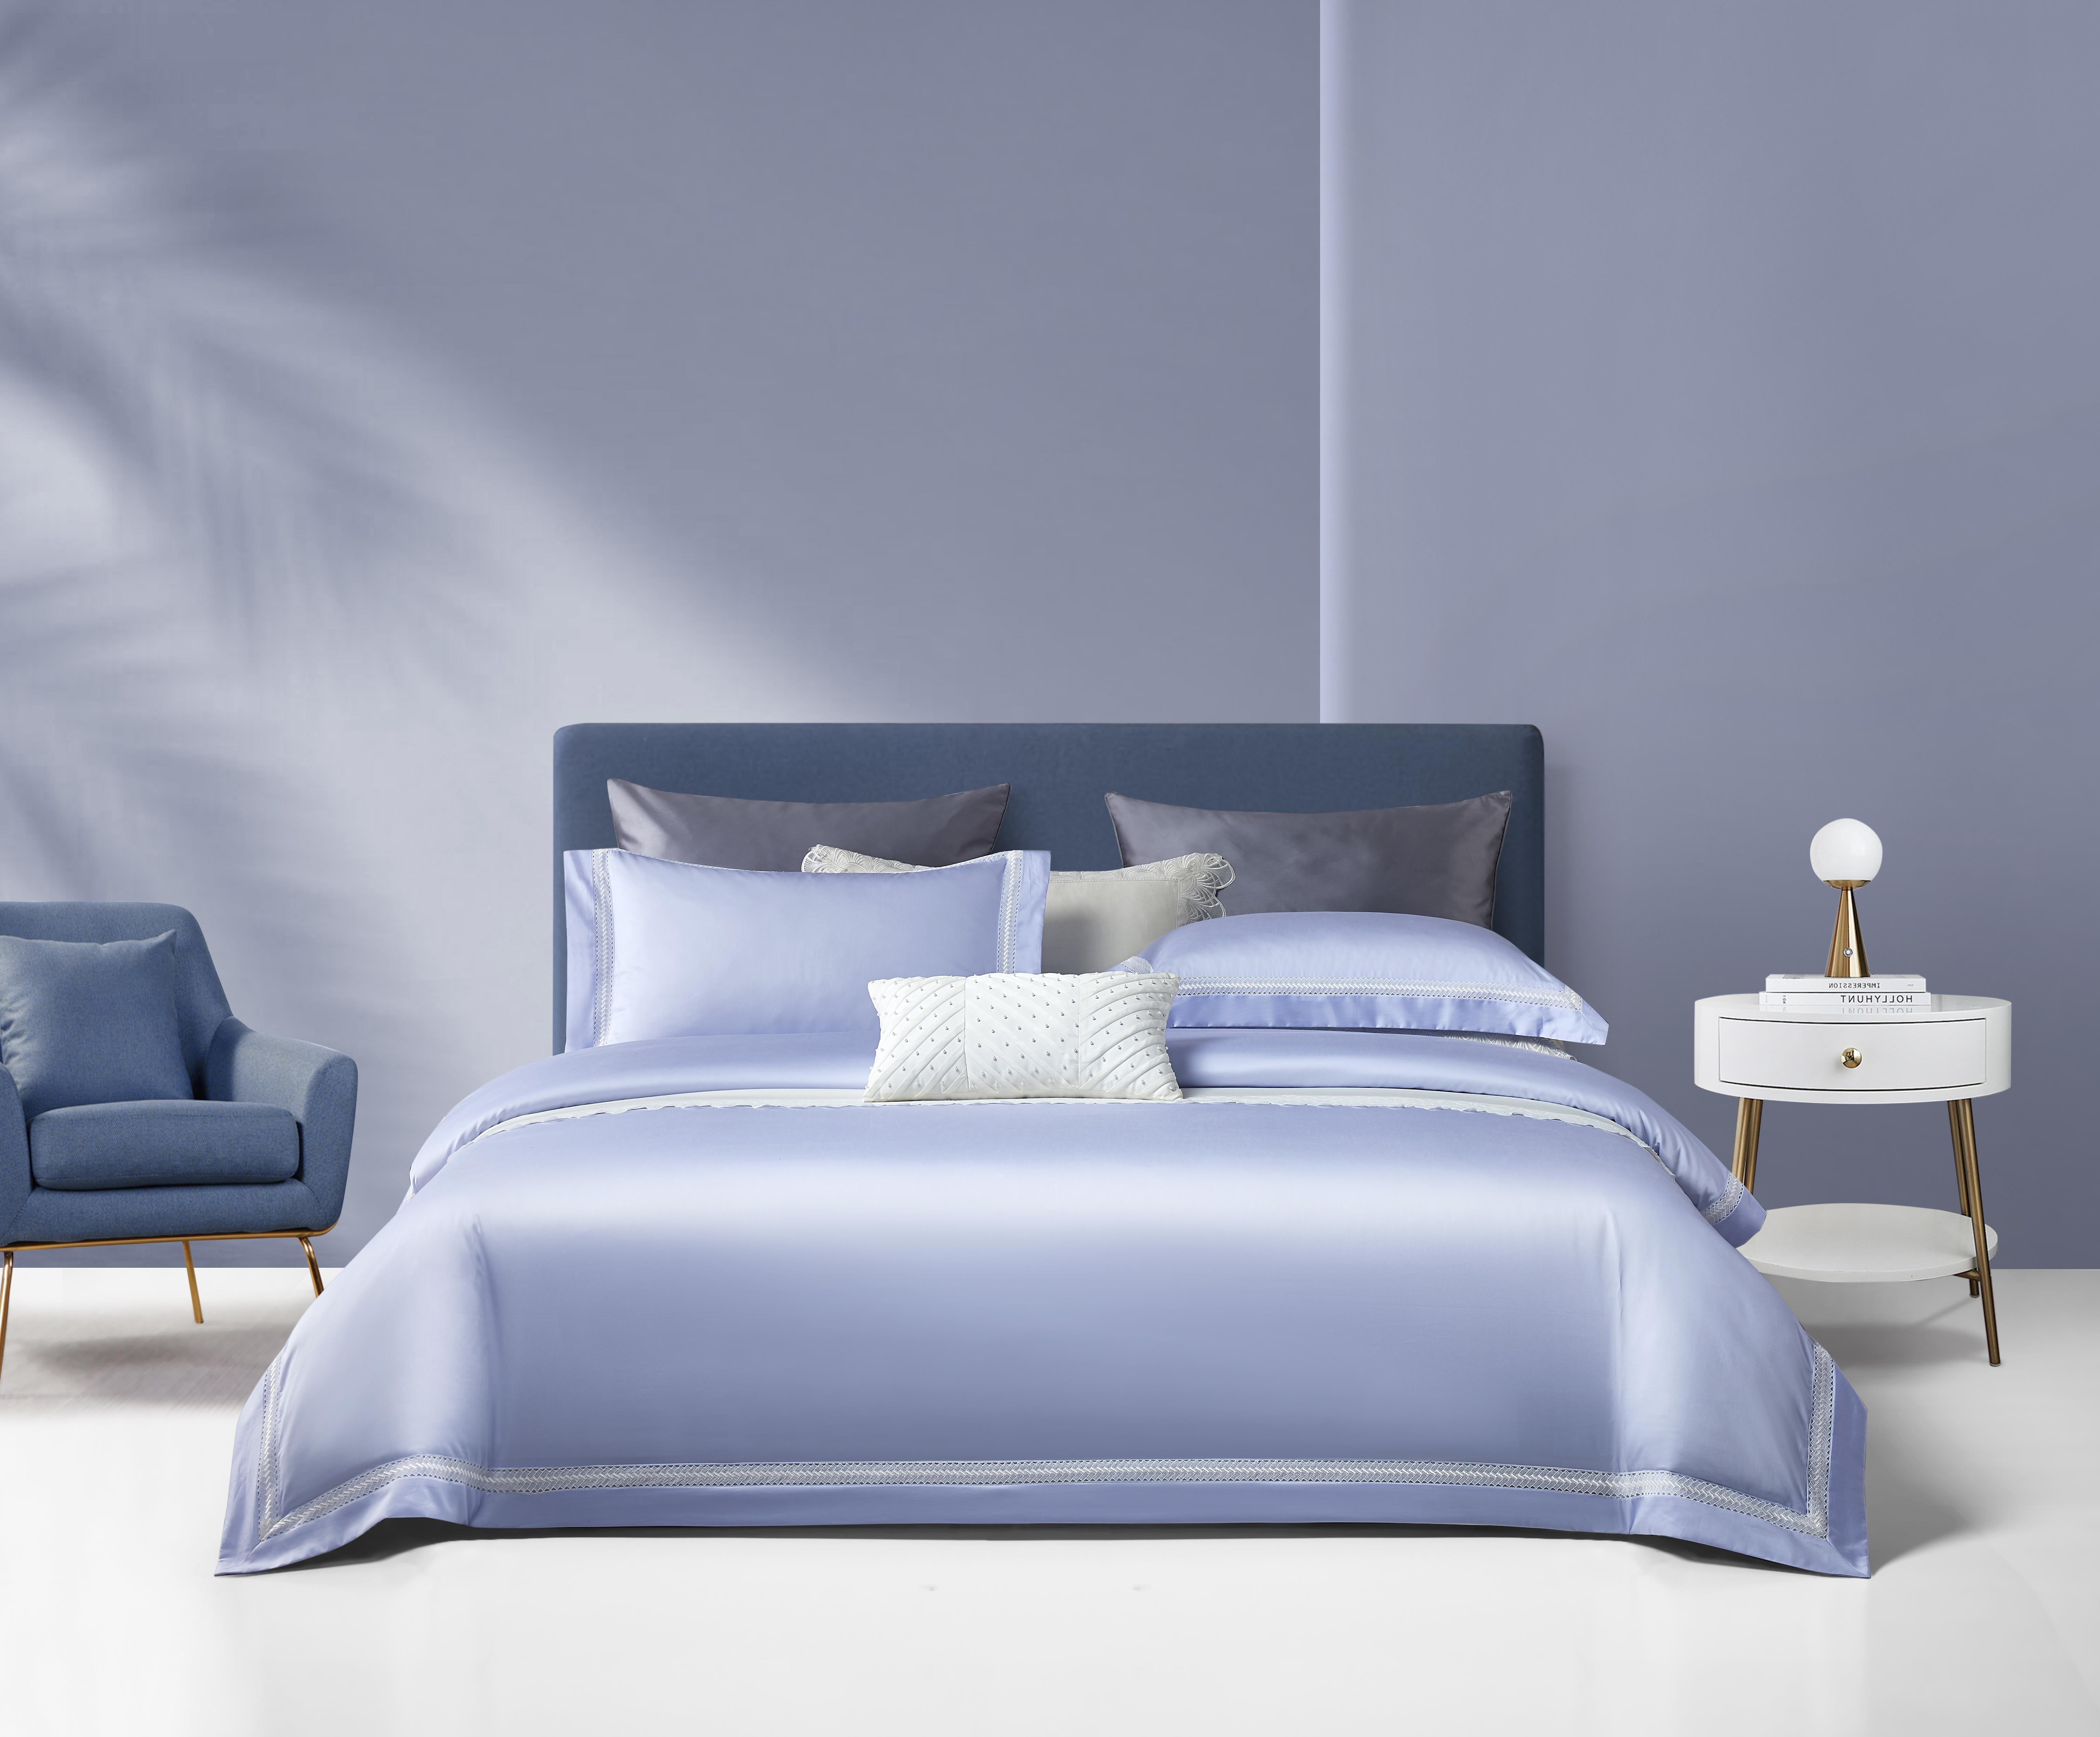 新A80床單四件套-一簾幽夢